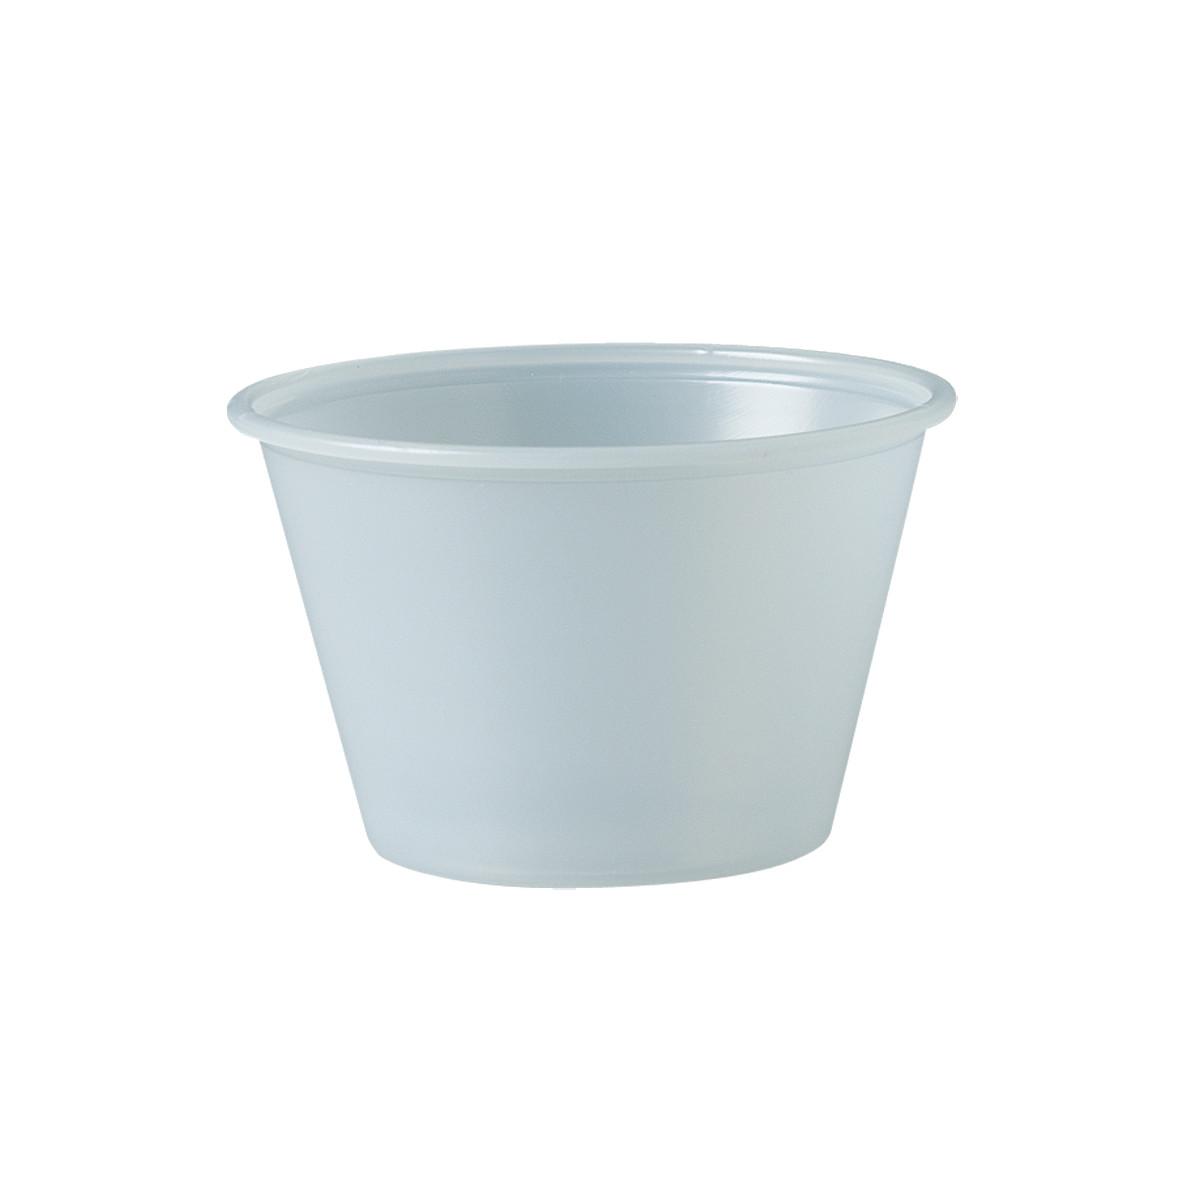 PLASTIC SOUFFLE CUP 4 OZ